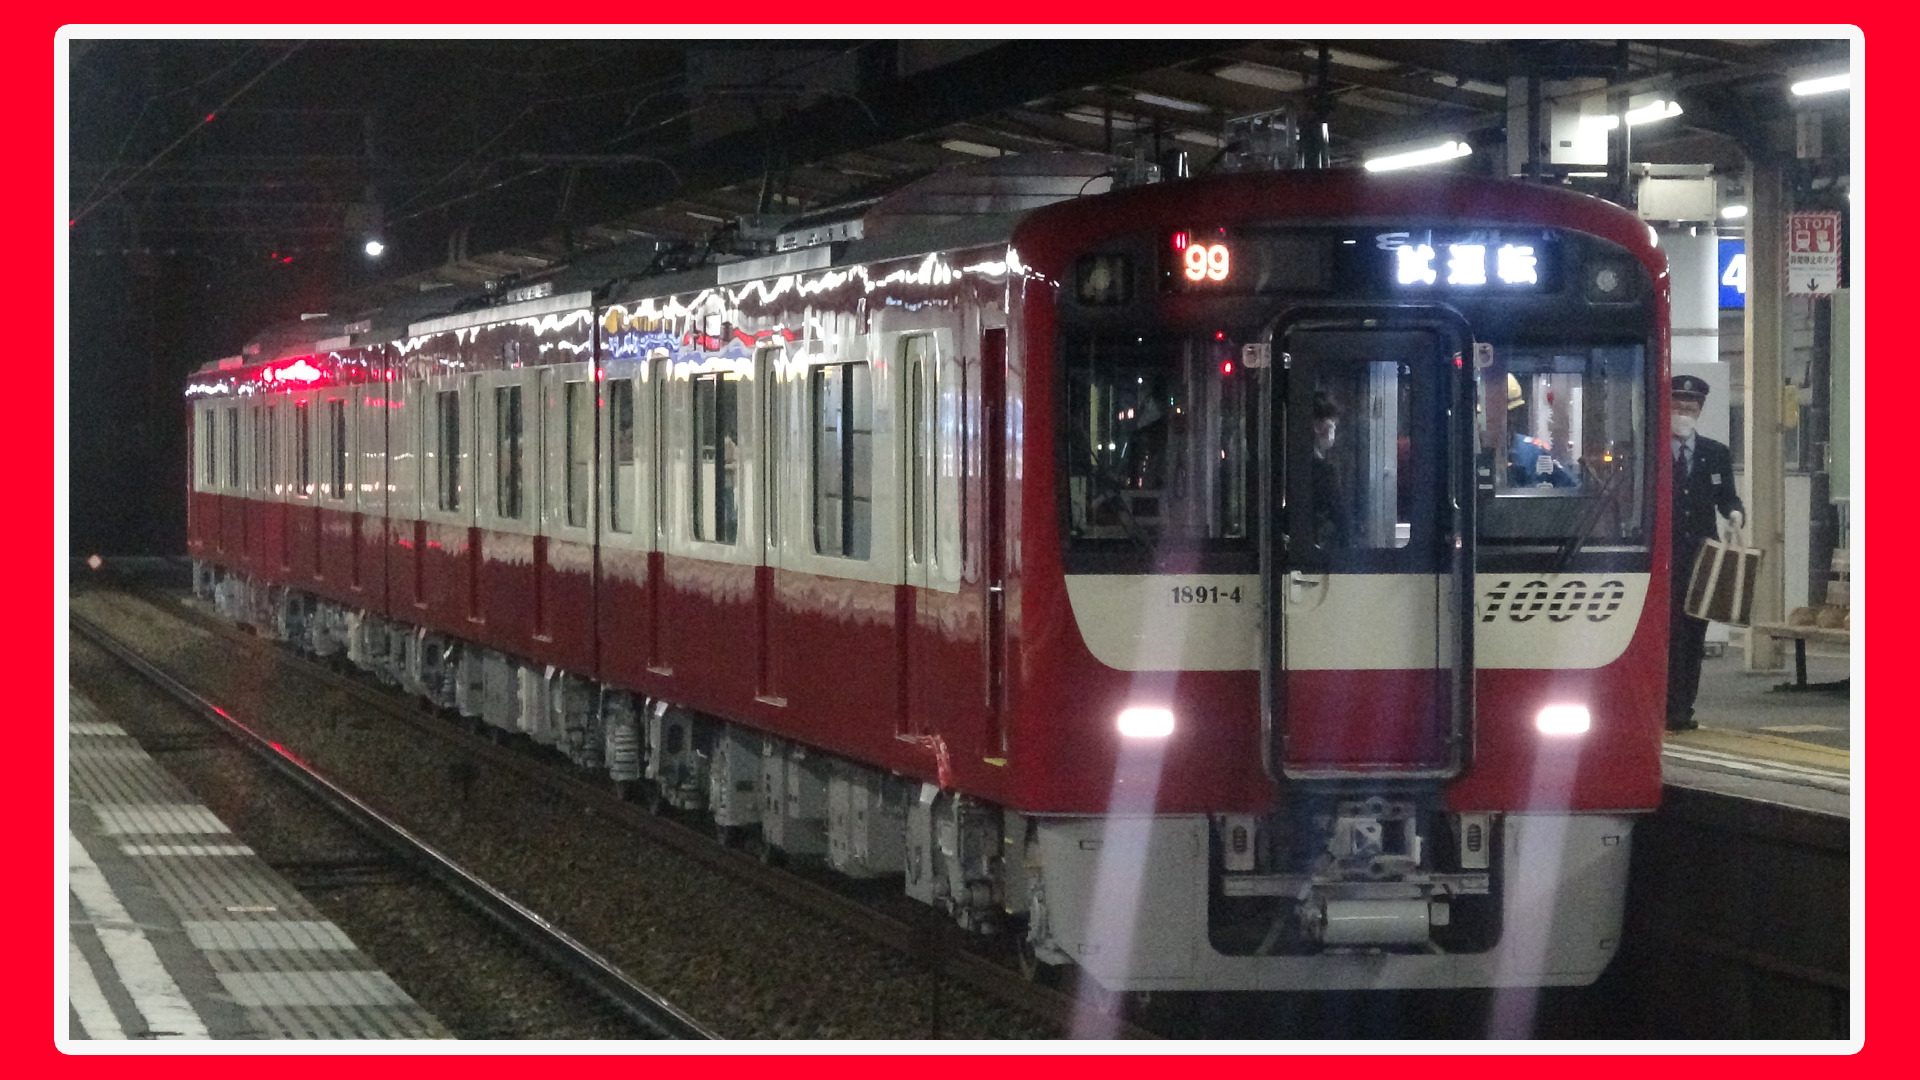 【京急】新1000形1890番台 1891編成の試運転が行われる